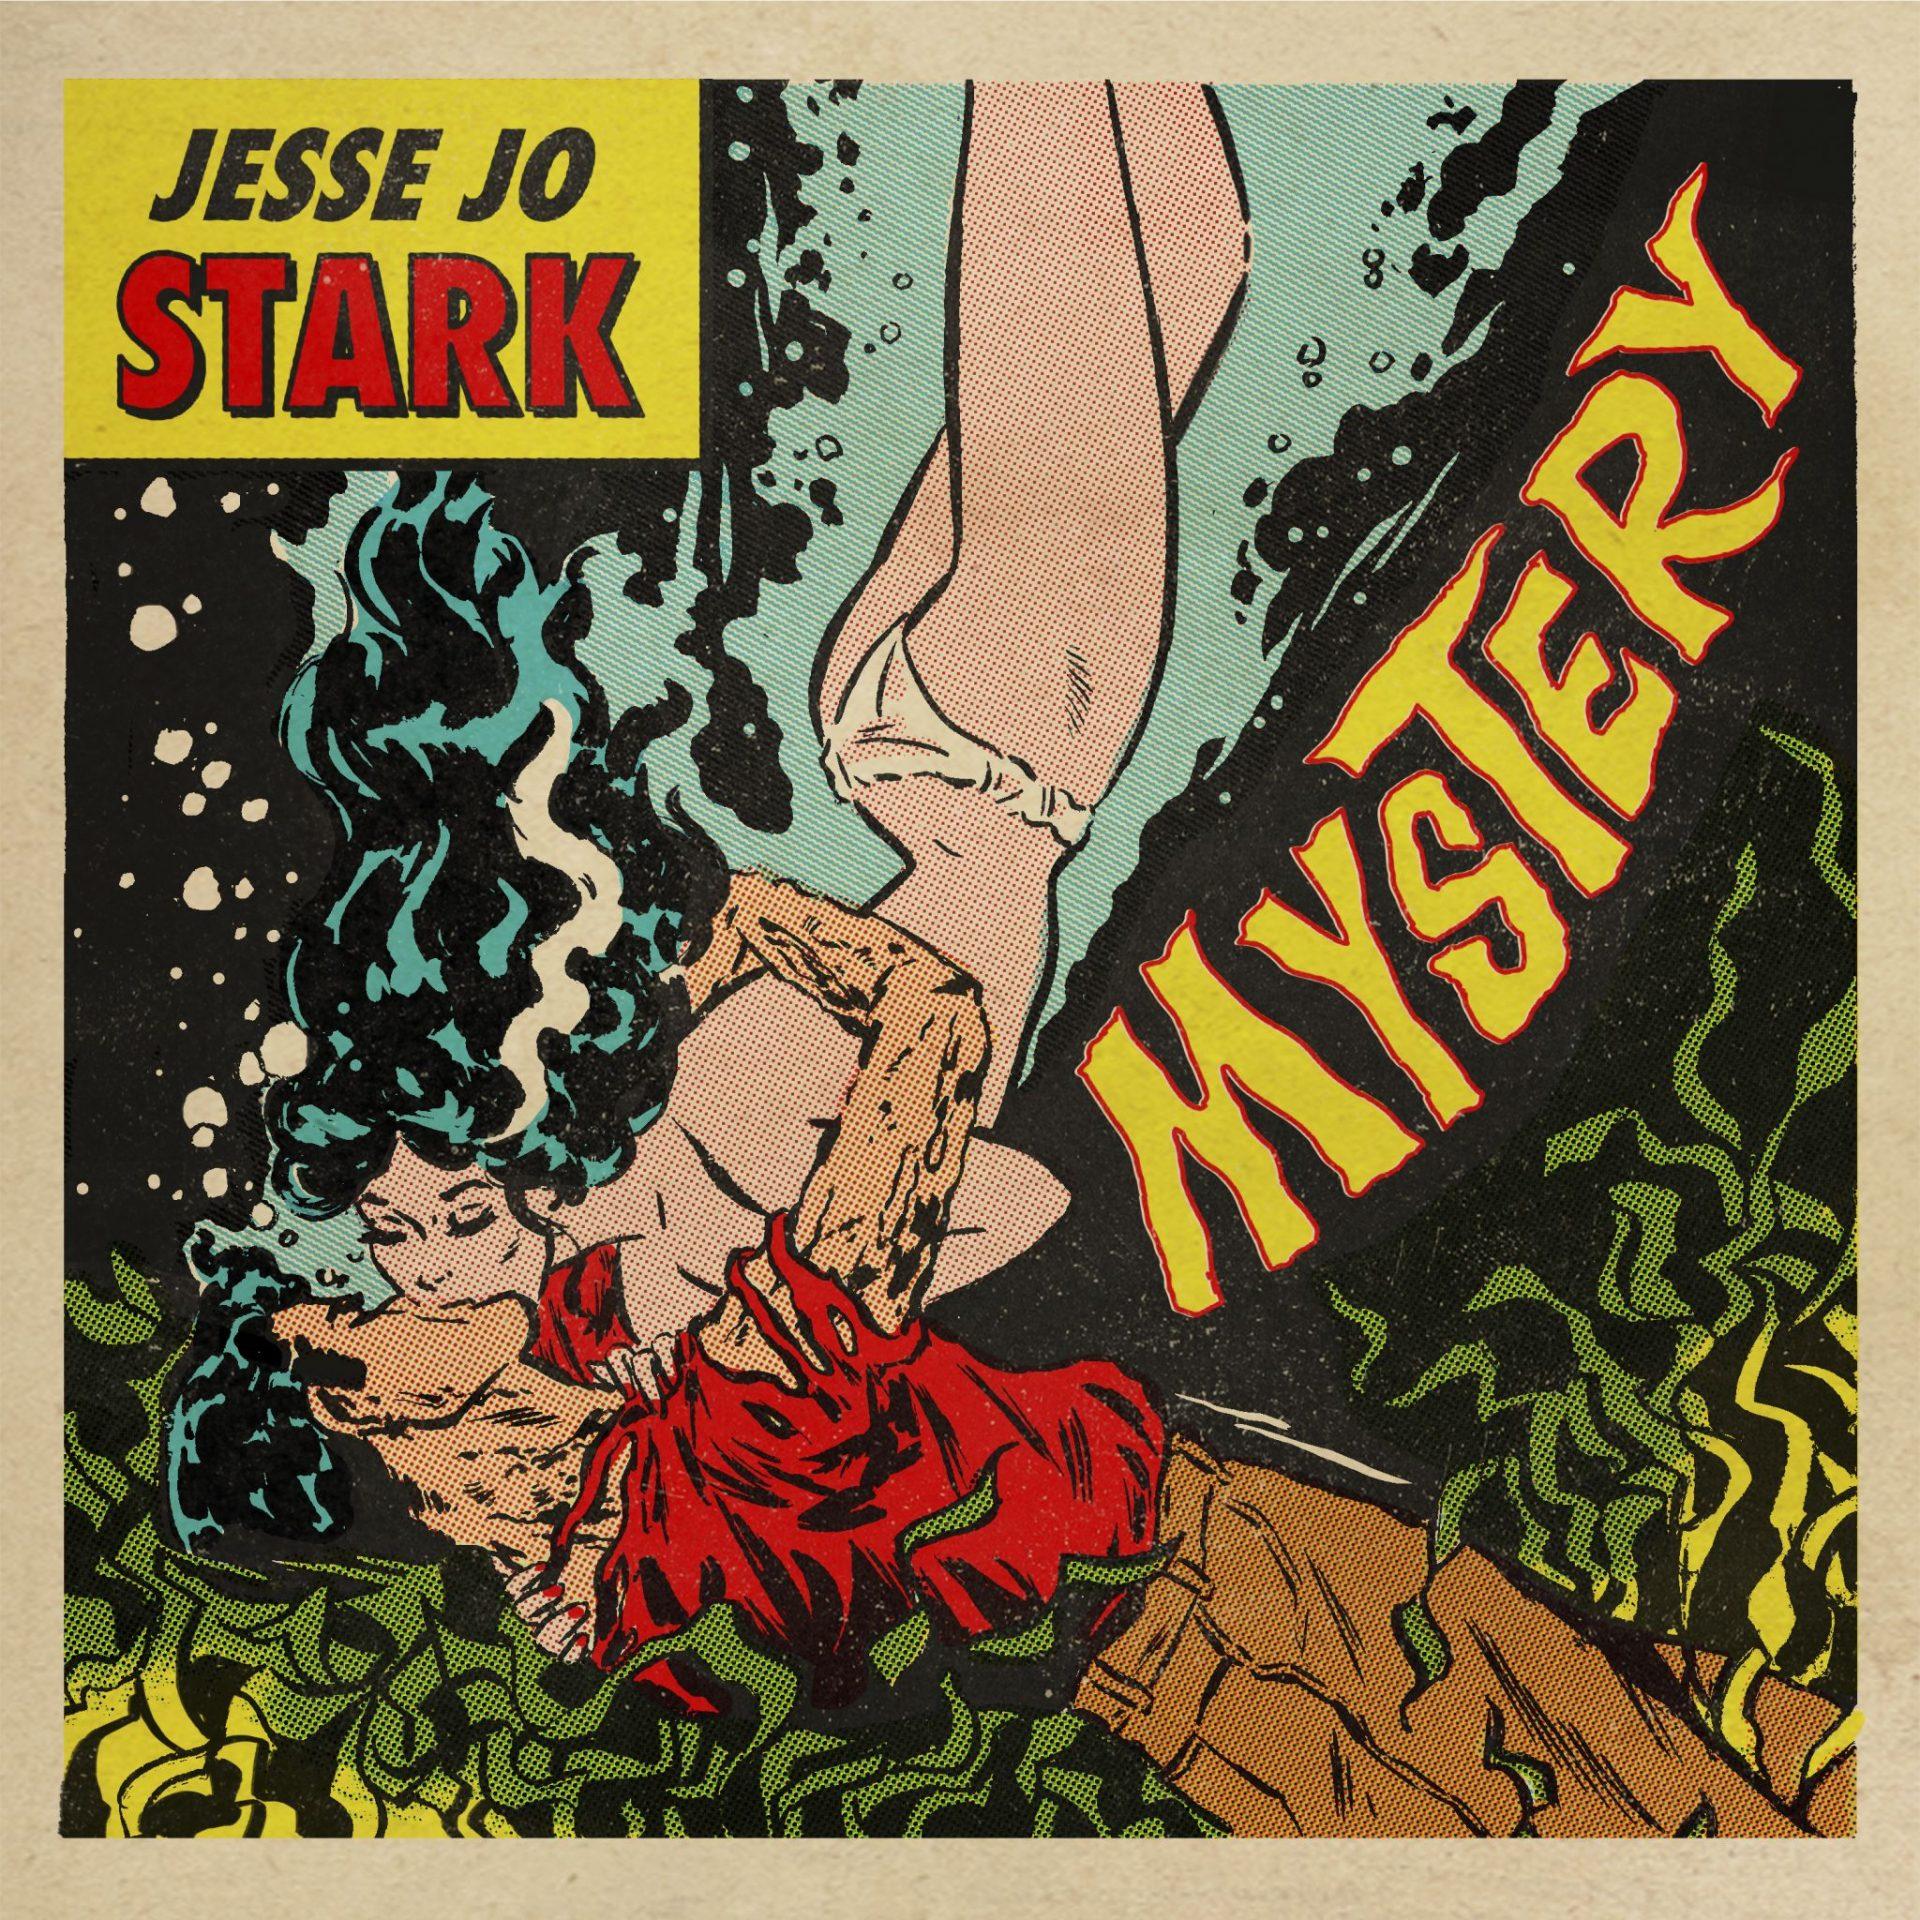 Jesse Jo Stark